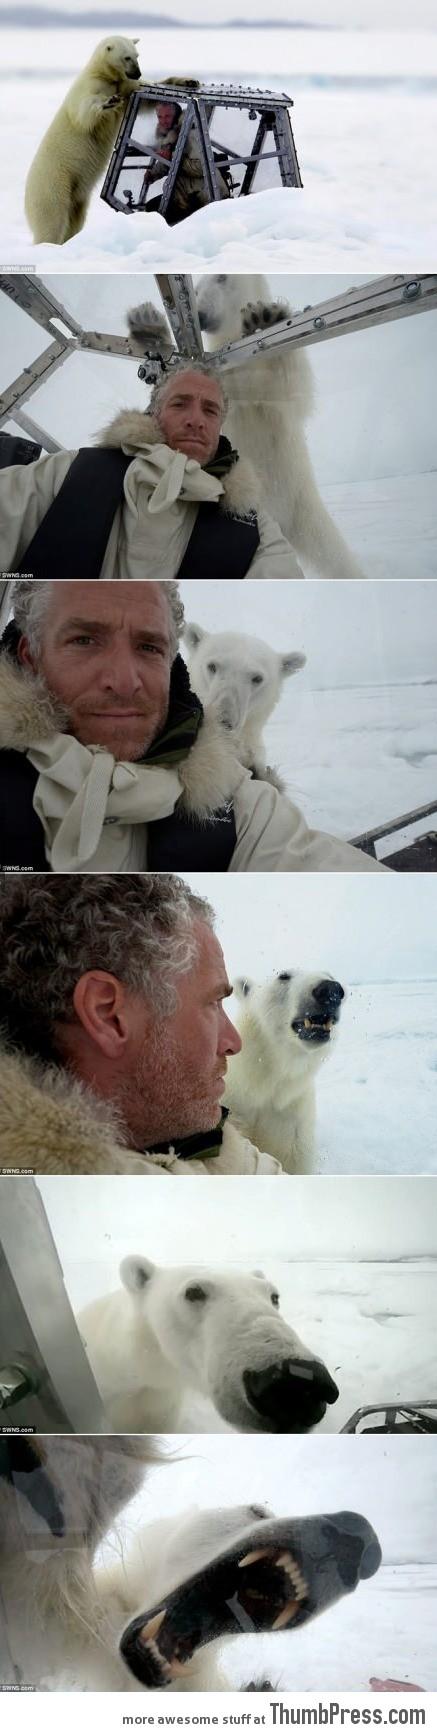 Polar bear is cute, right